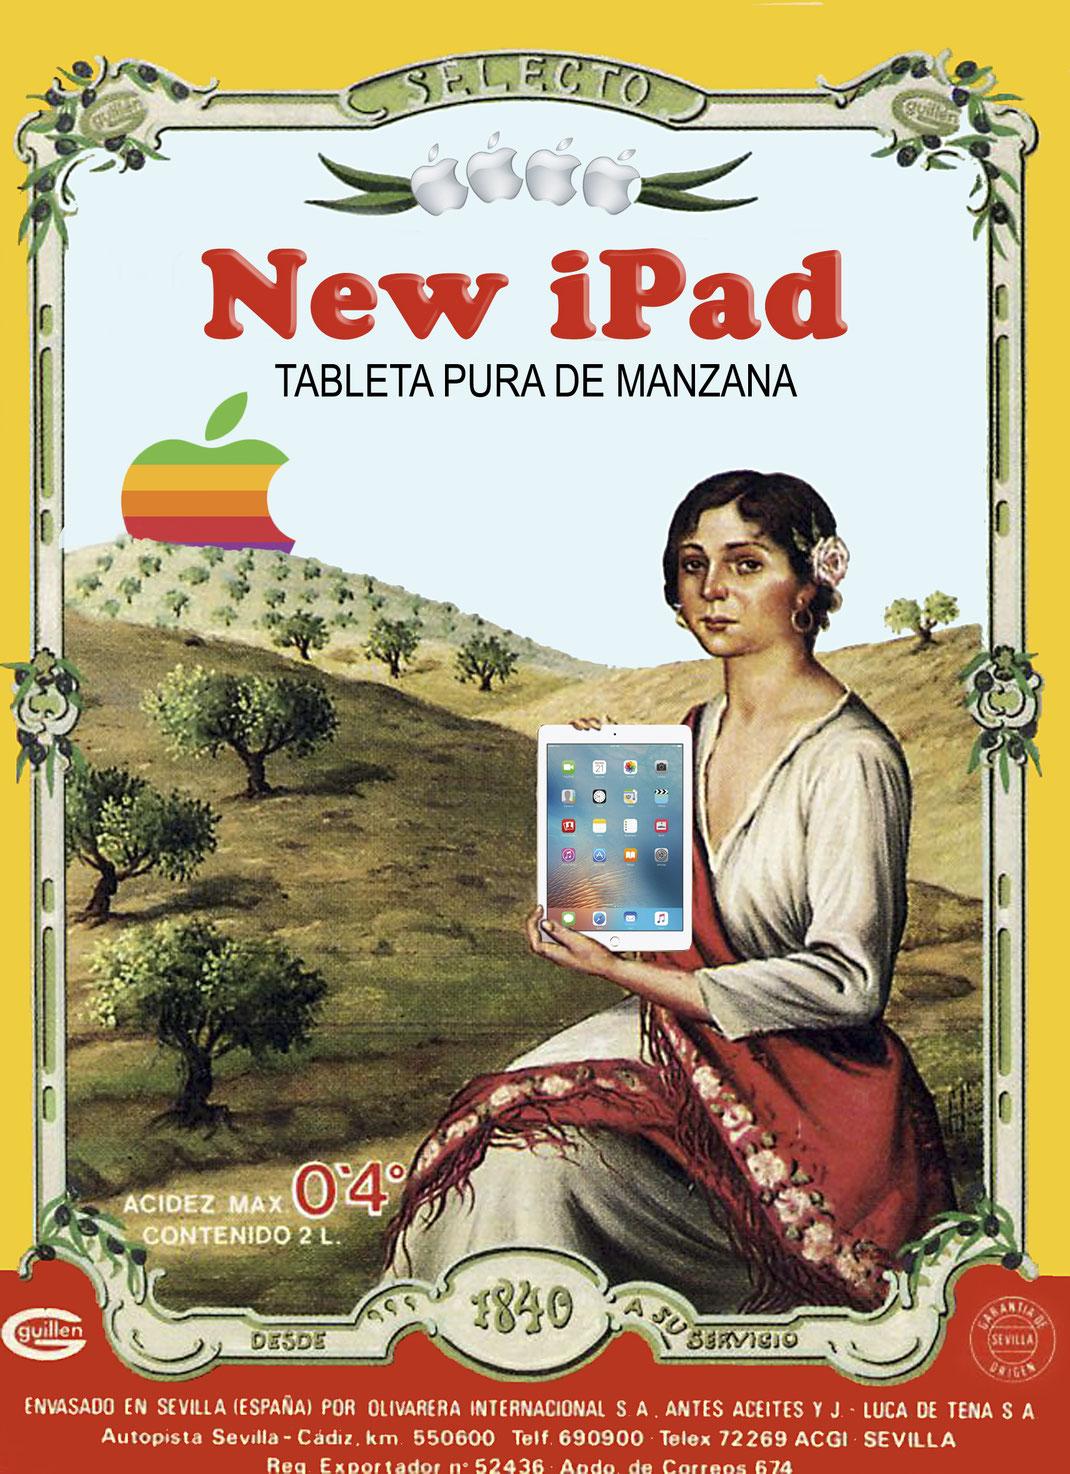 New iPad La Española